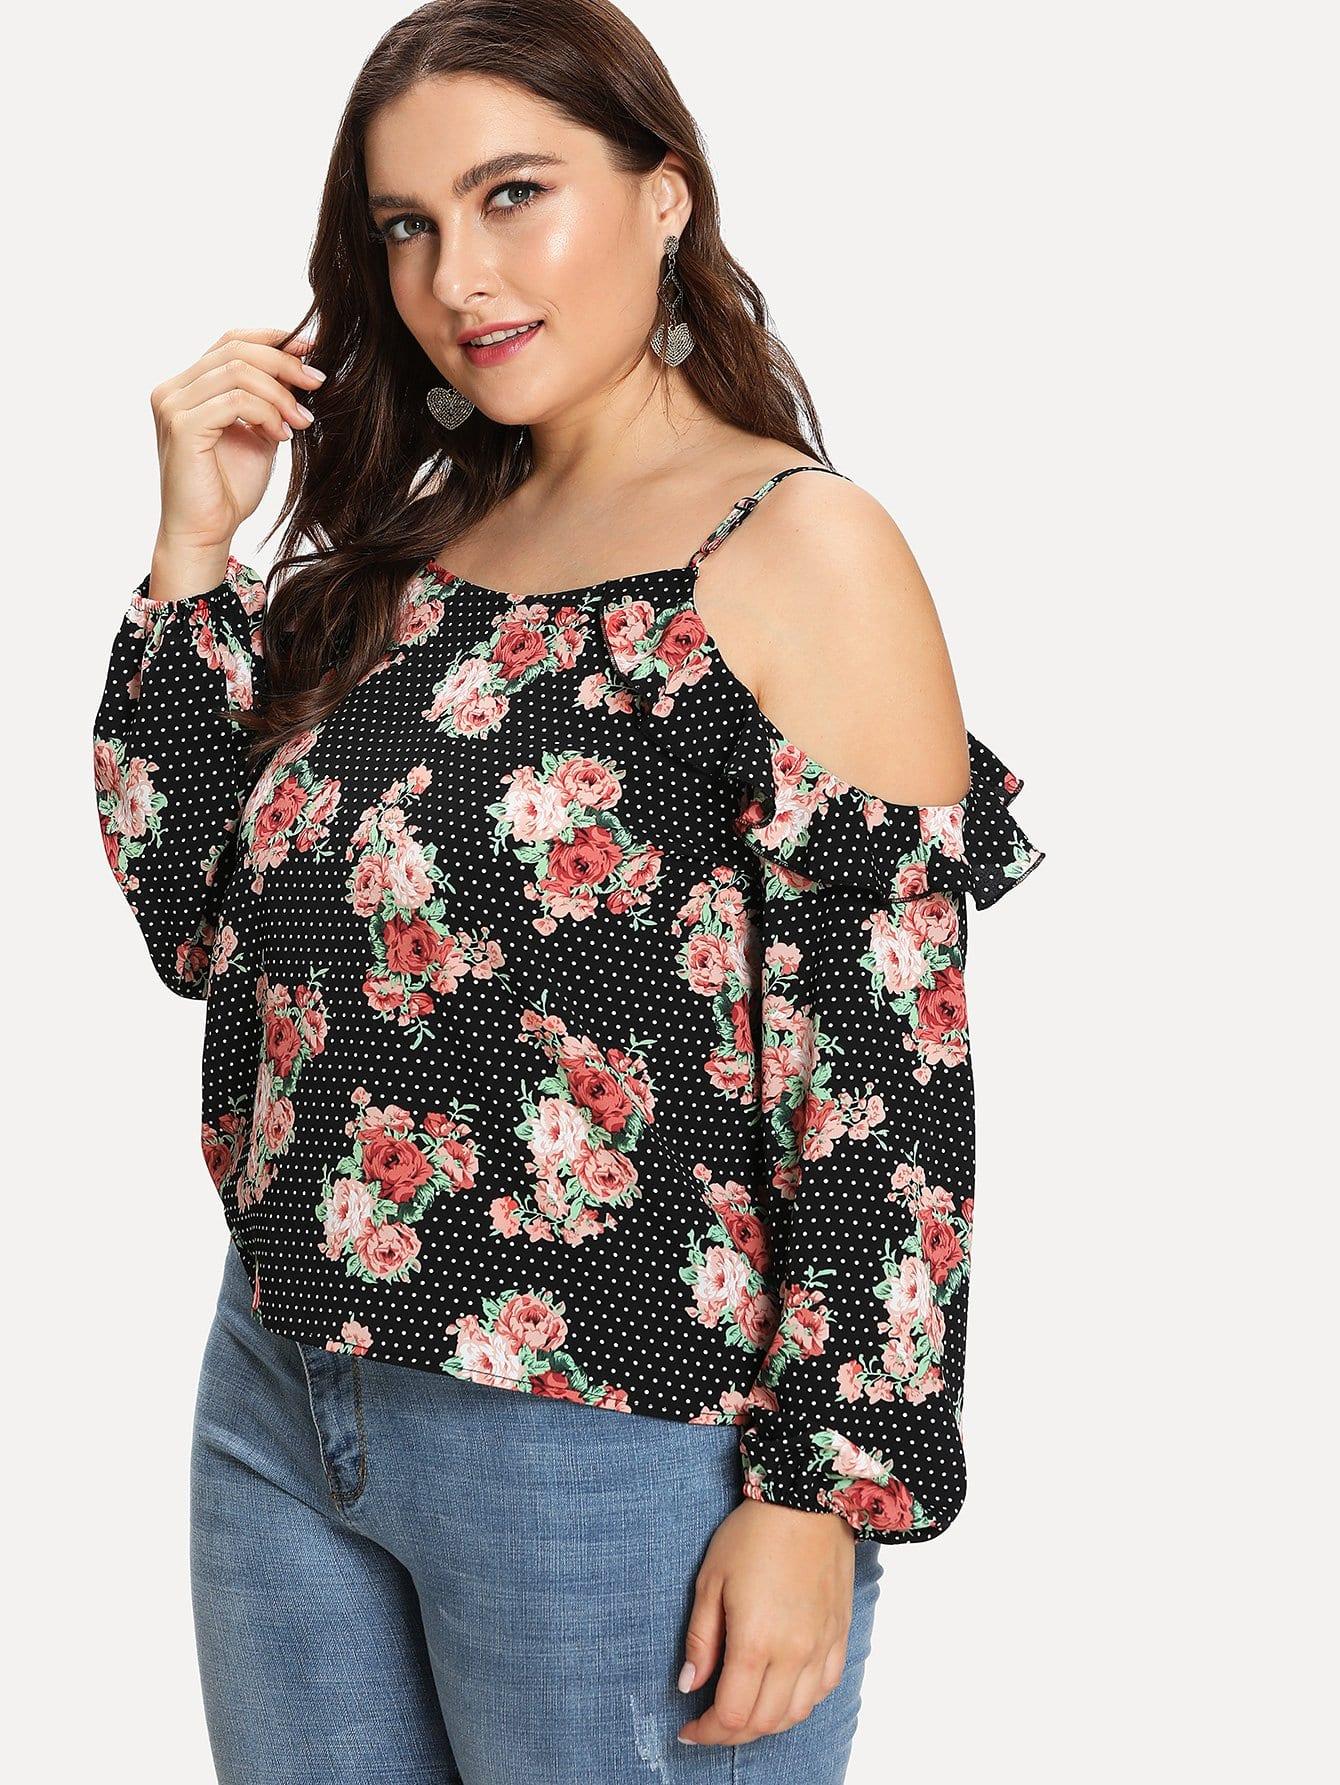 Ruffle Cold Shoulder Floral & Polka Dot Top box pleated ruffle cold shoulder top